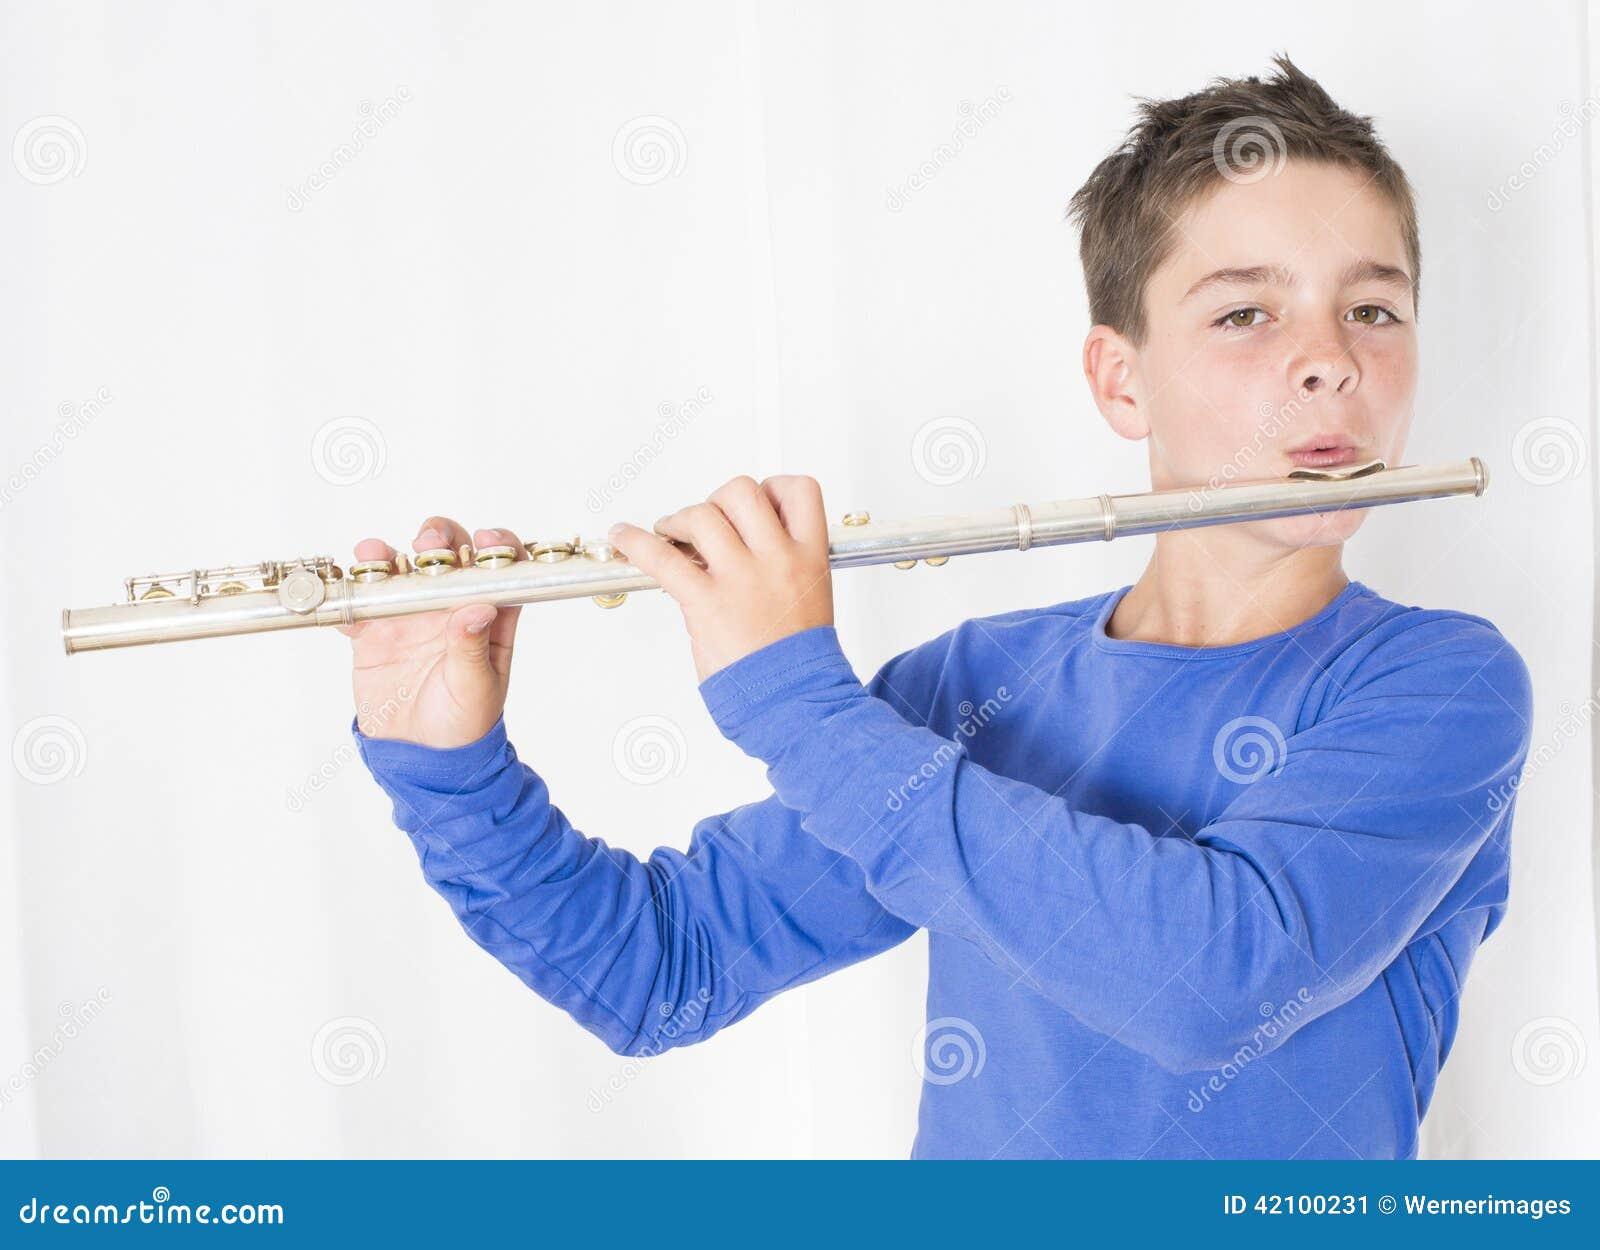 Menino com flauta